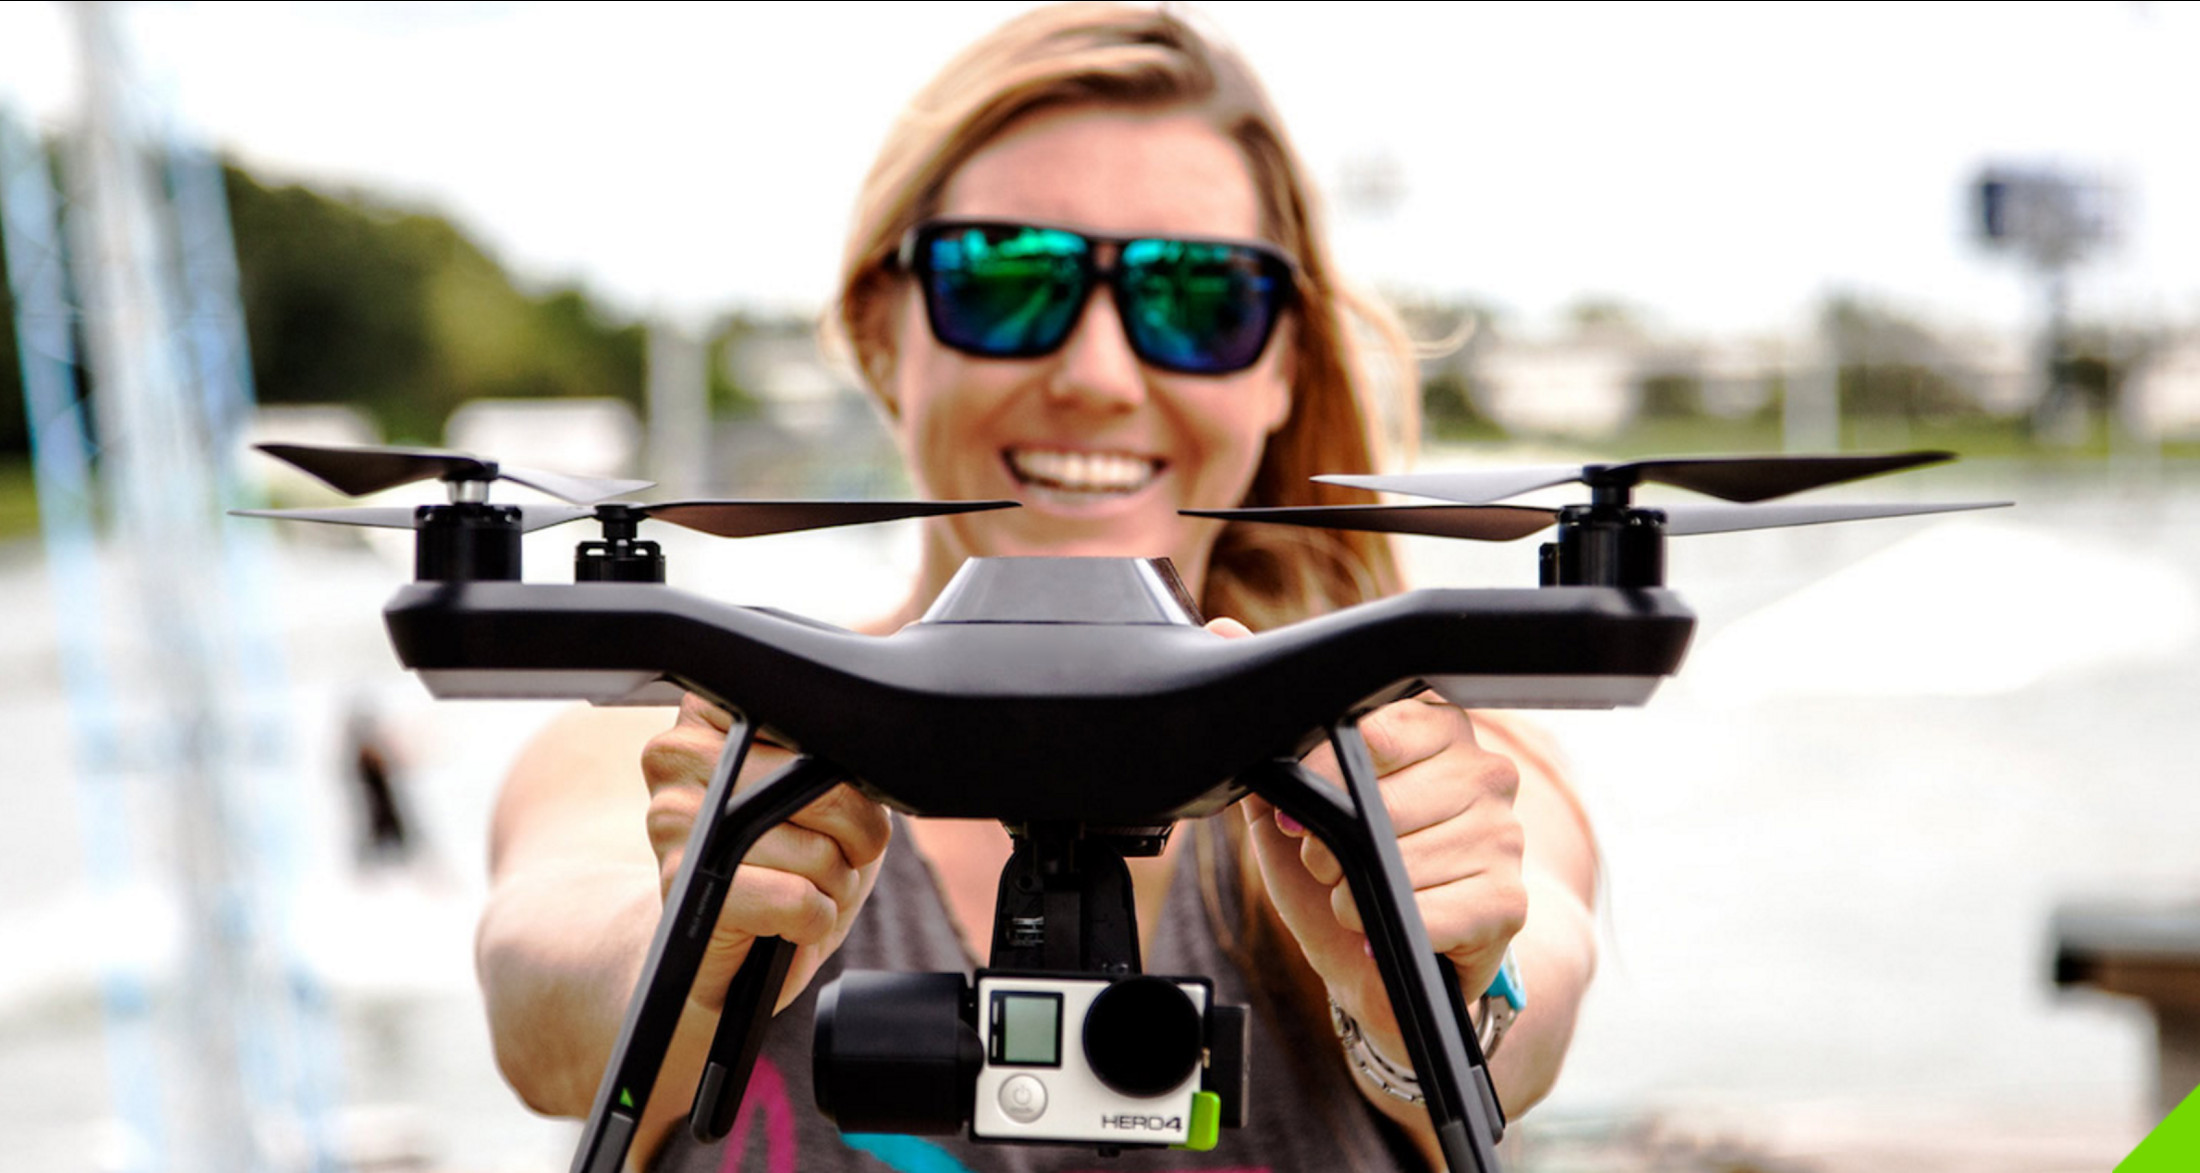 drone-woman-3drobotics